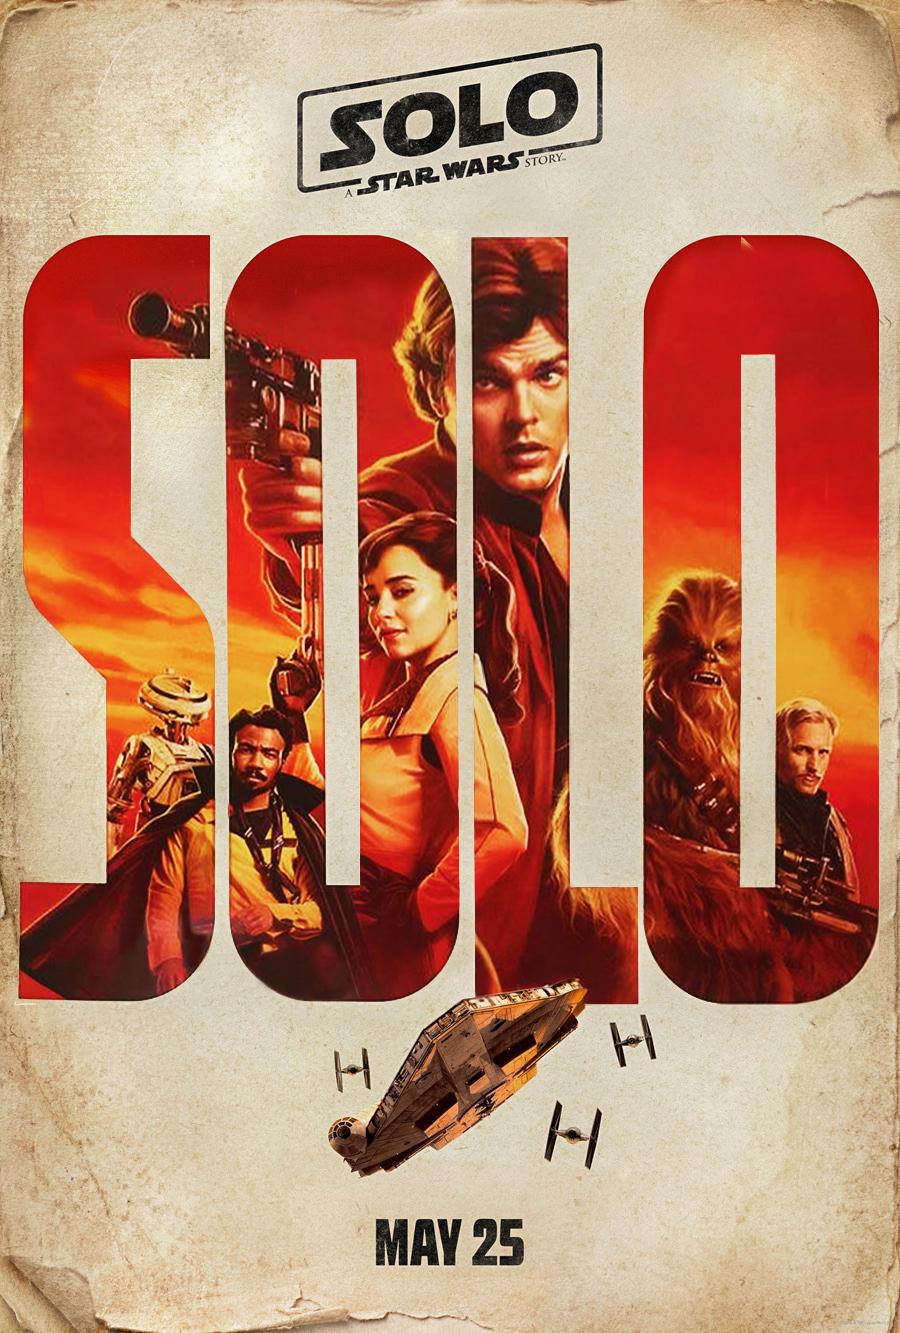 Solo: A Star Wars Story, l'affiche principale